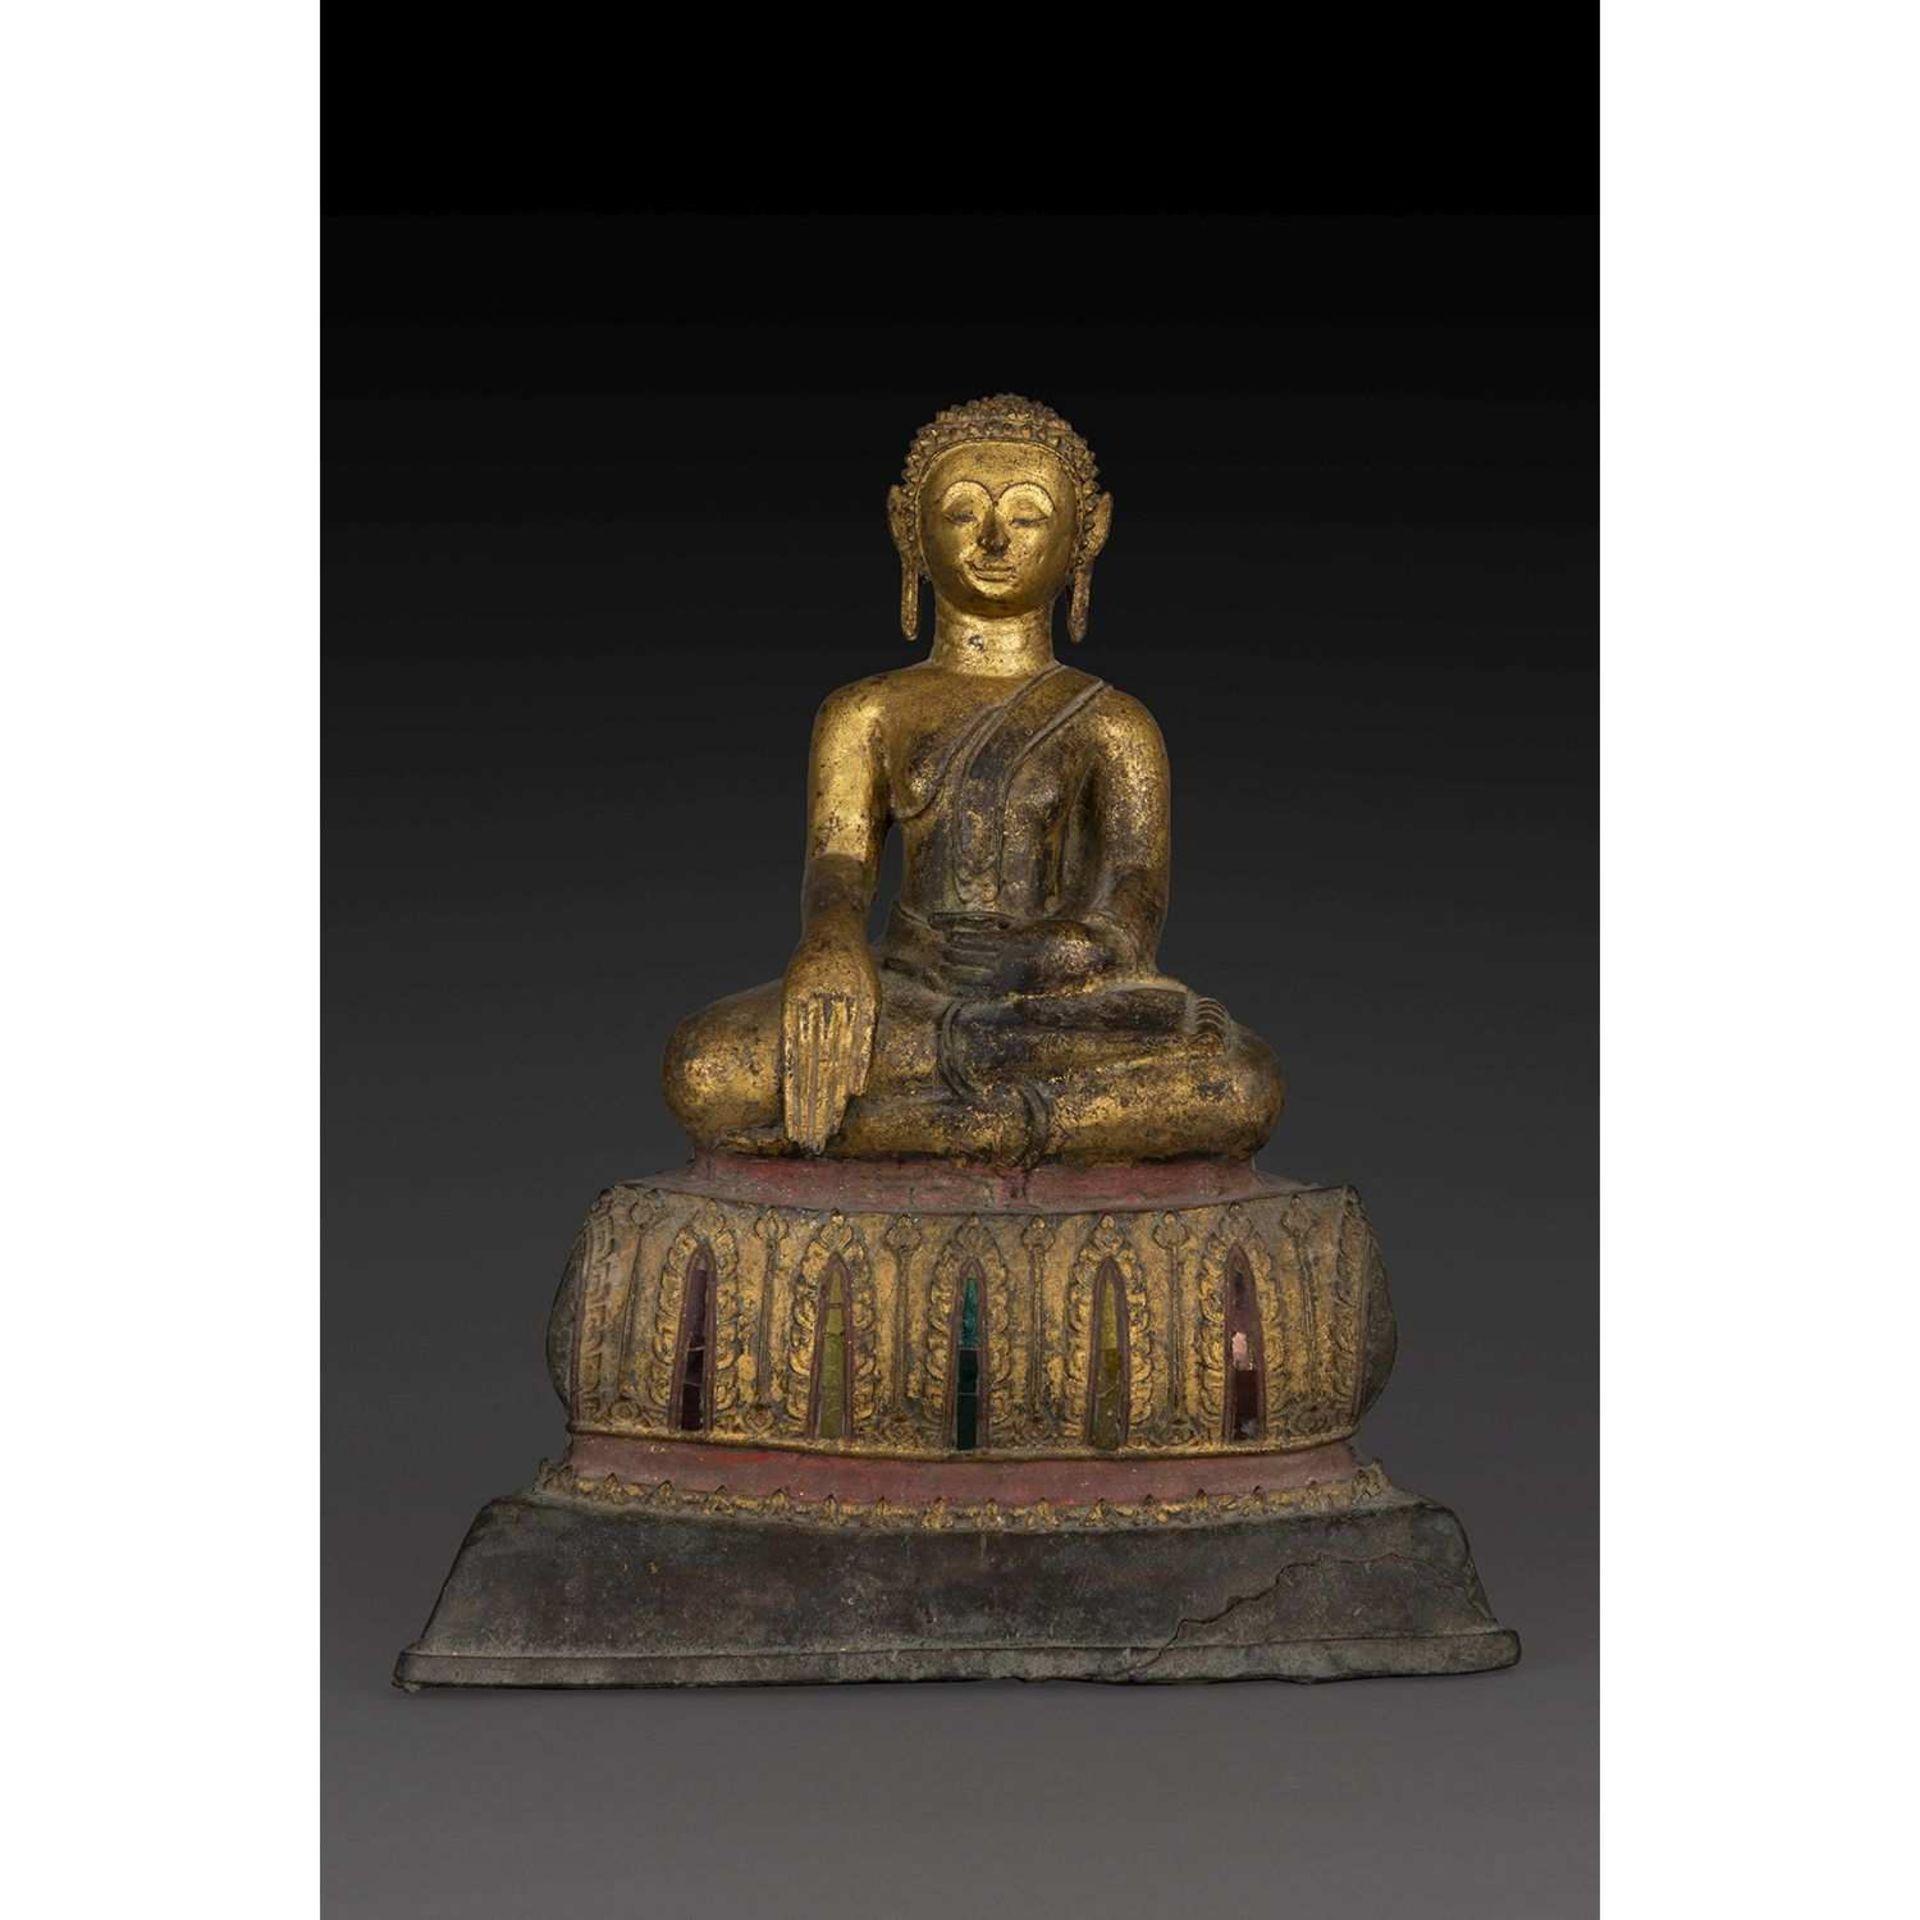 STATUE DE BOUDDHA en bronze laqué or, représenté assis en bhumisparsa mudra, faisant le geste de